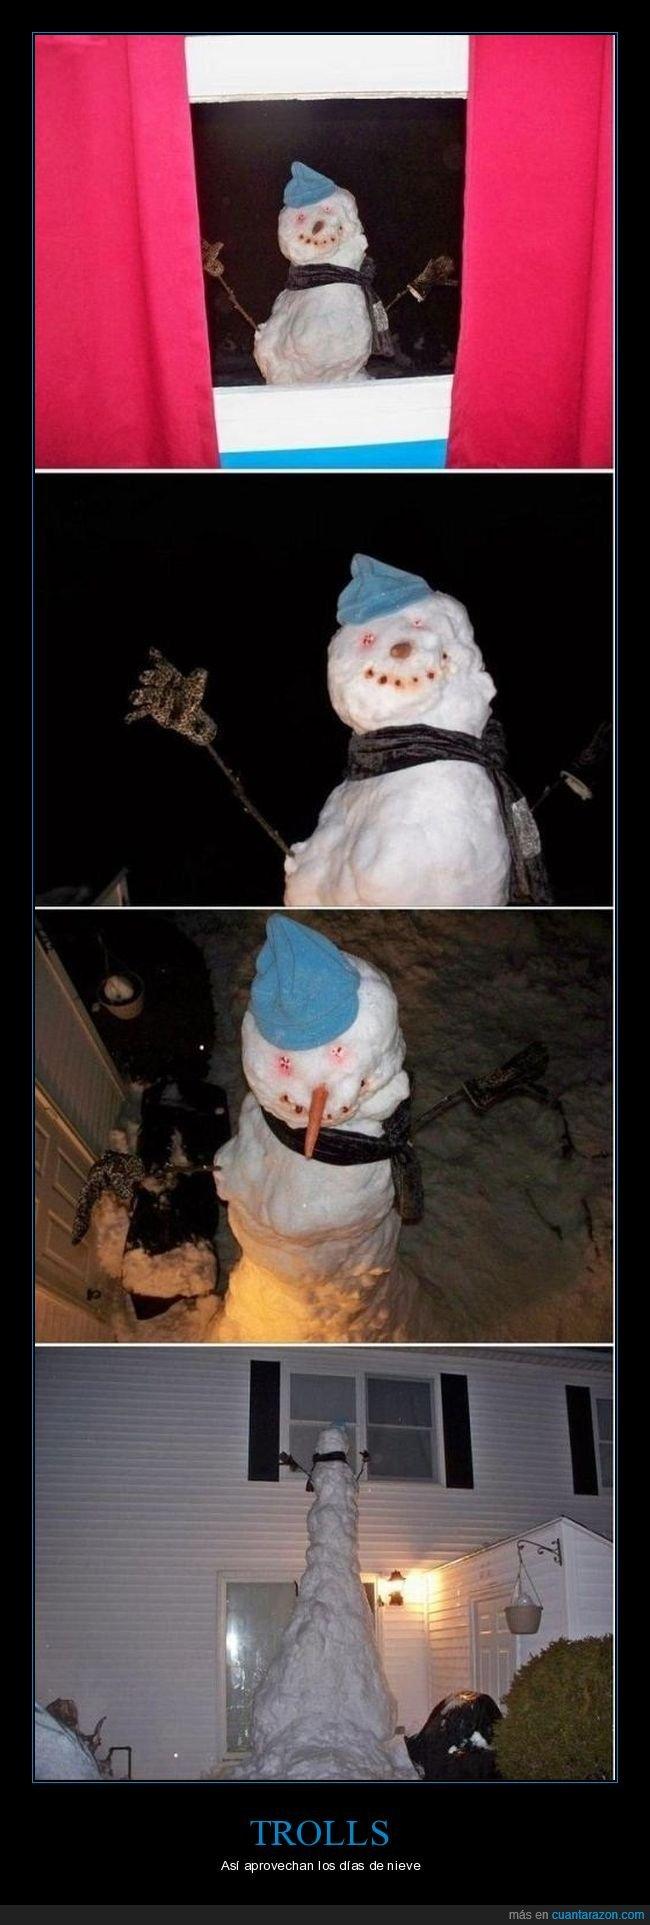 muñeco de nieve,trolling,ventana